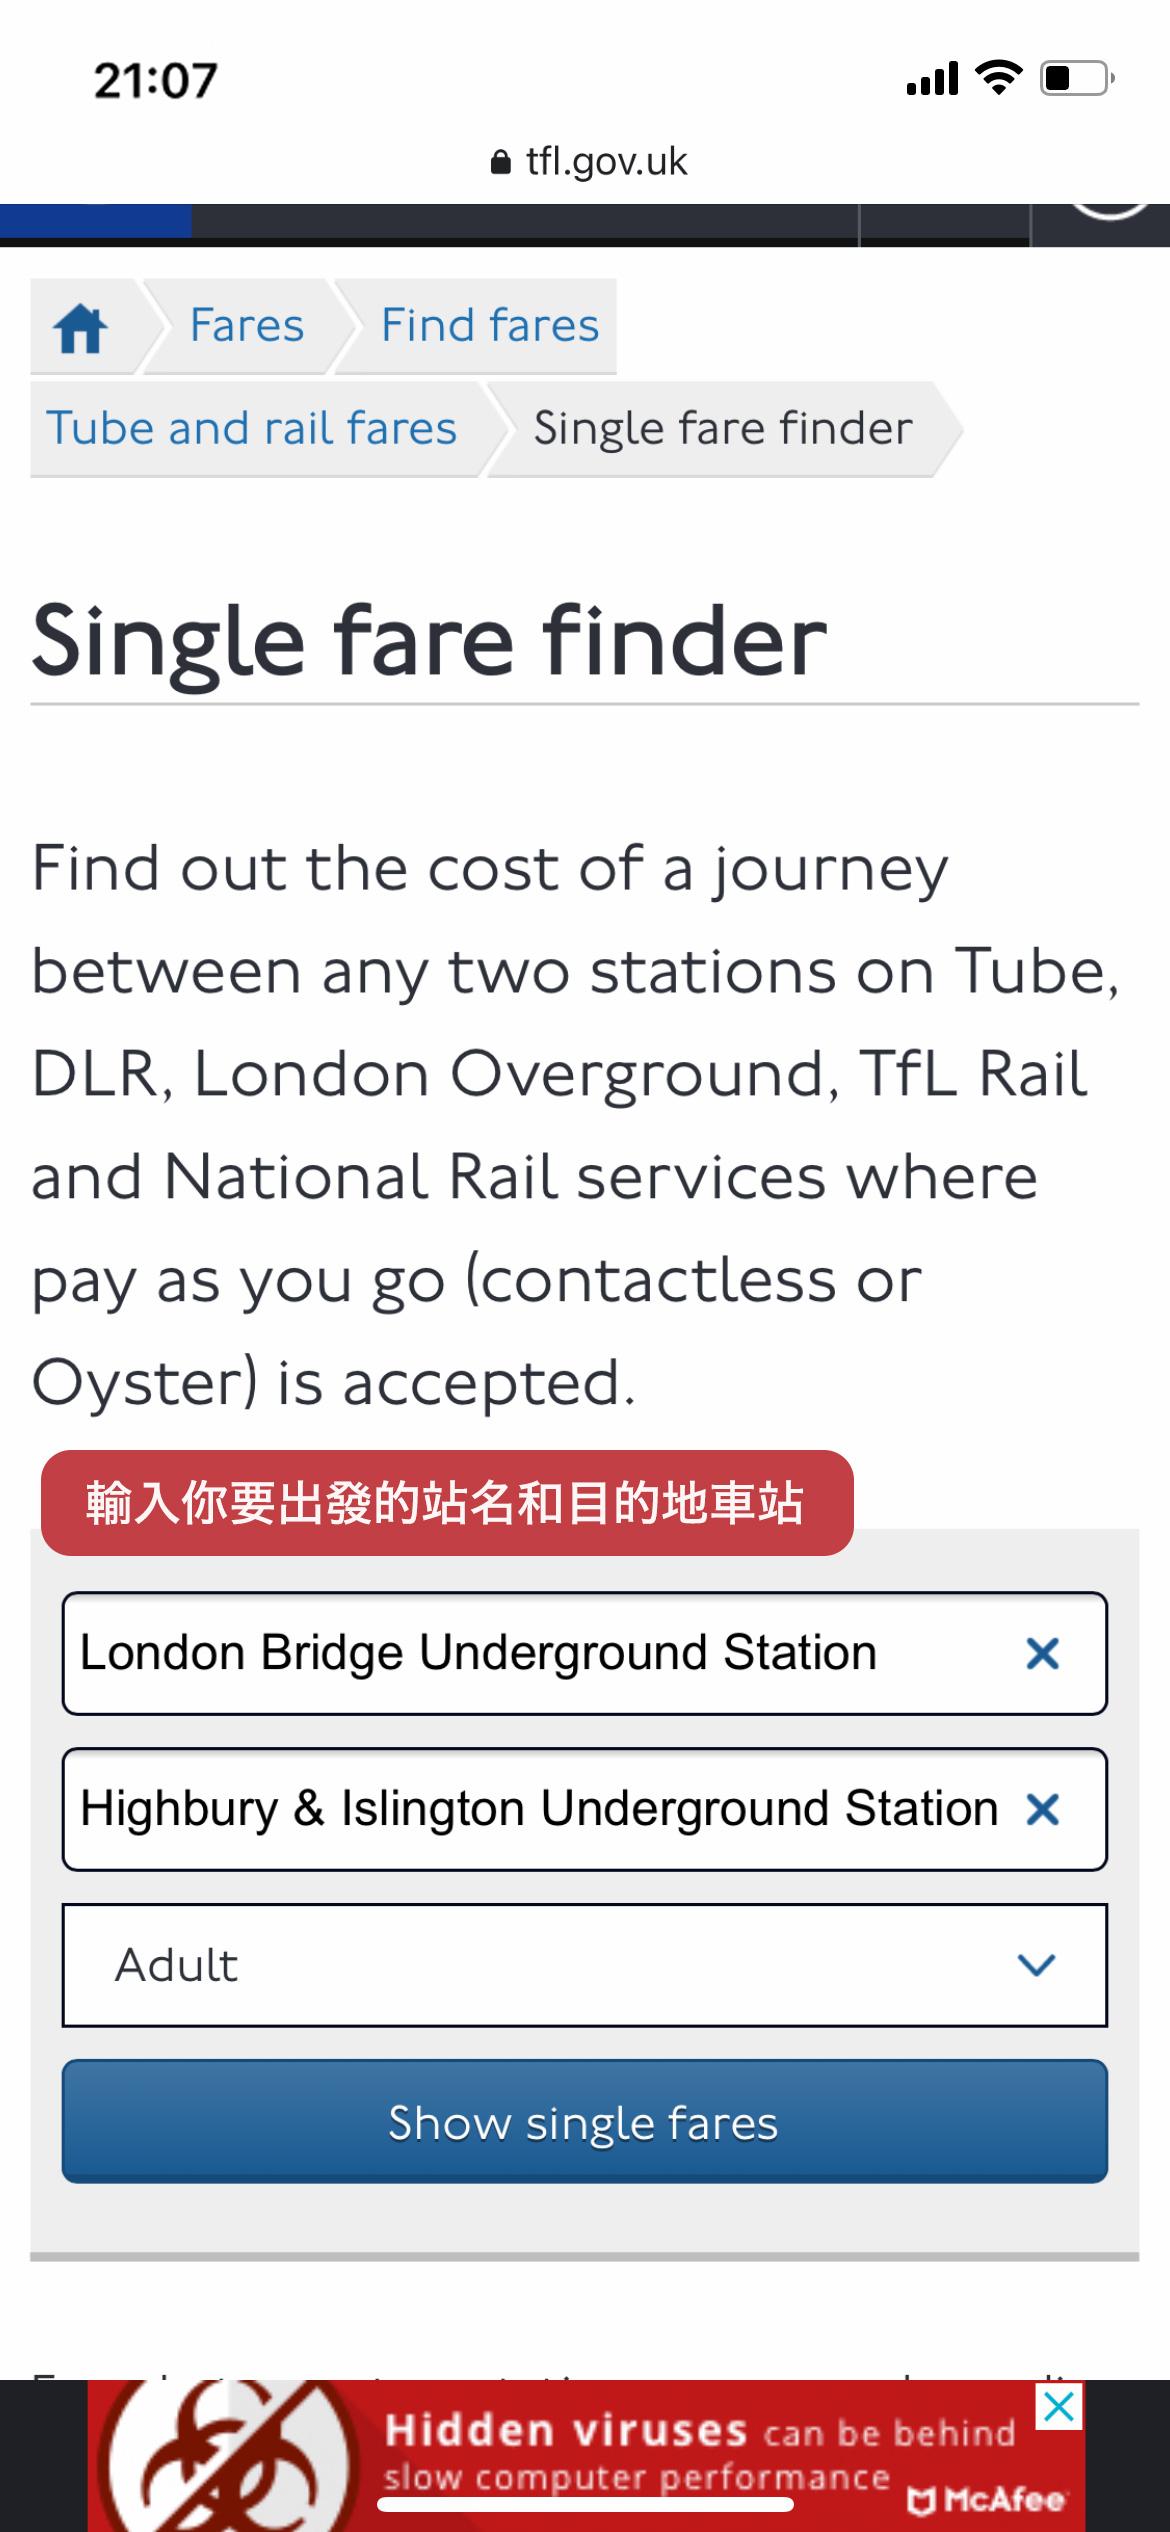 倫敦地鐵怎麼搭?查詢票價教學-《倫敦交通局》單程費用查詢,顯示尖峰離峰時間票價